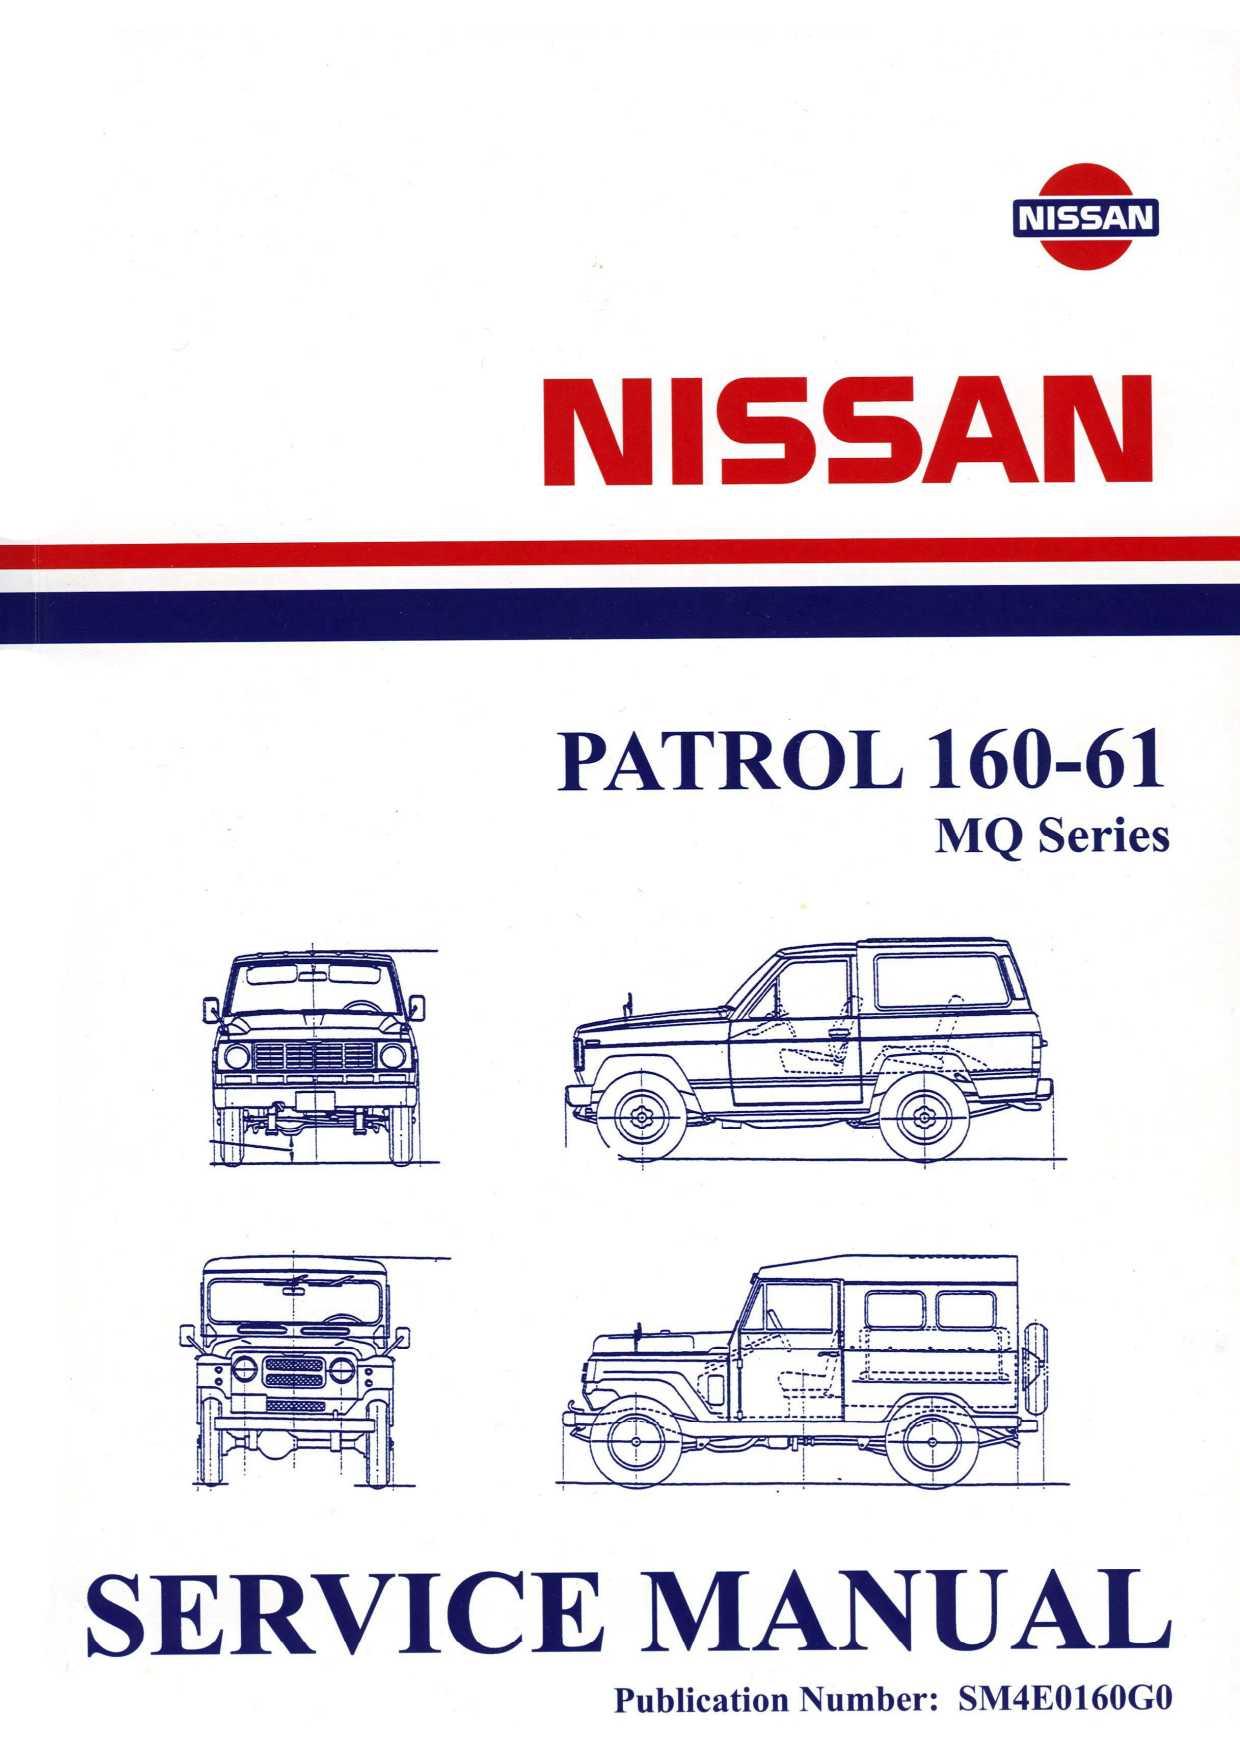 service manuals mq patrol com rh mq patrol com Nissan Diesel Engine Swap Nissan Patrol Engine ZD30